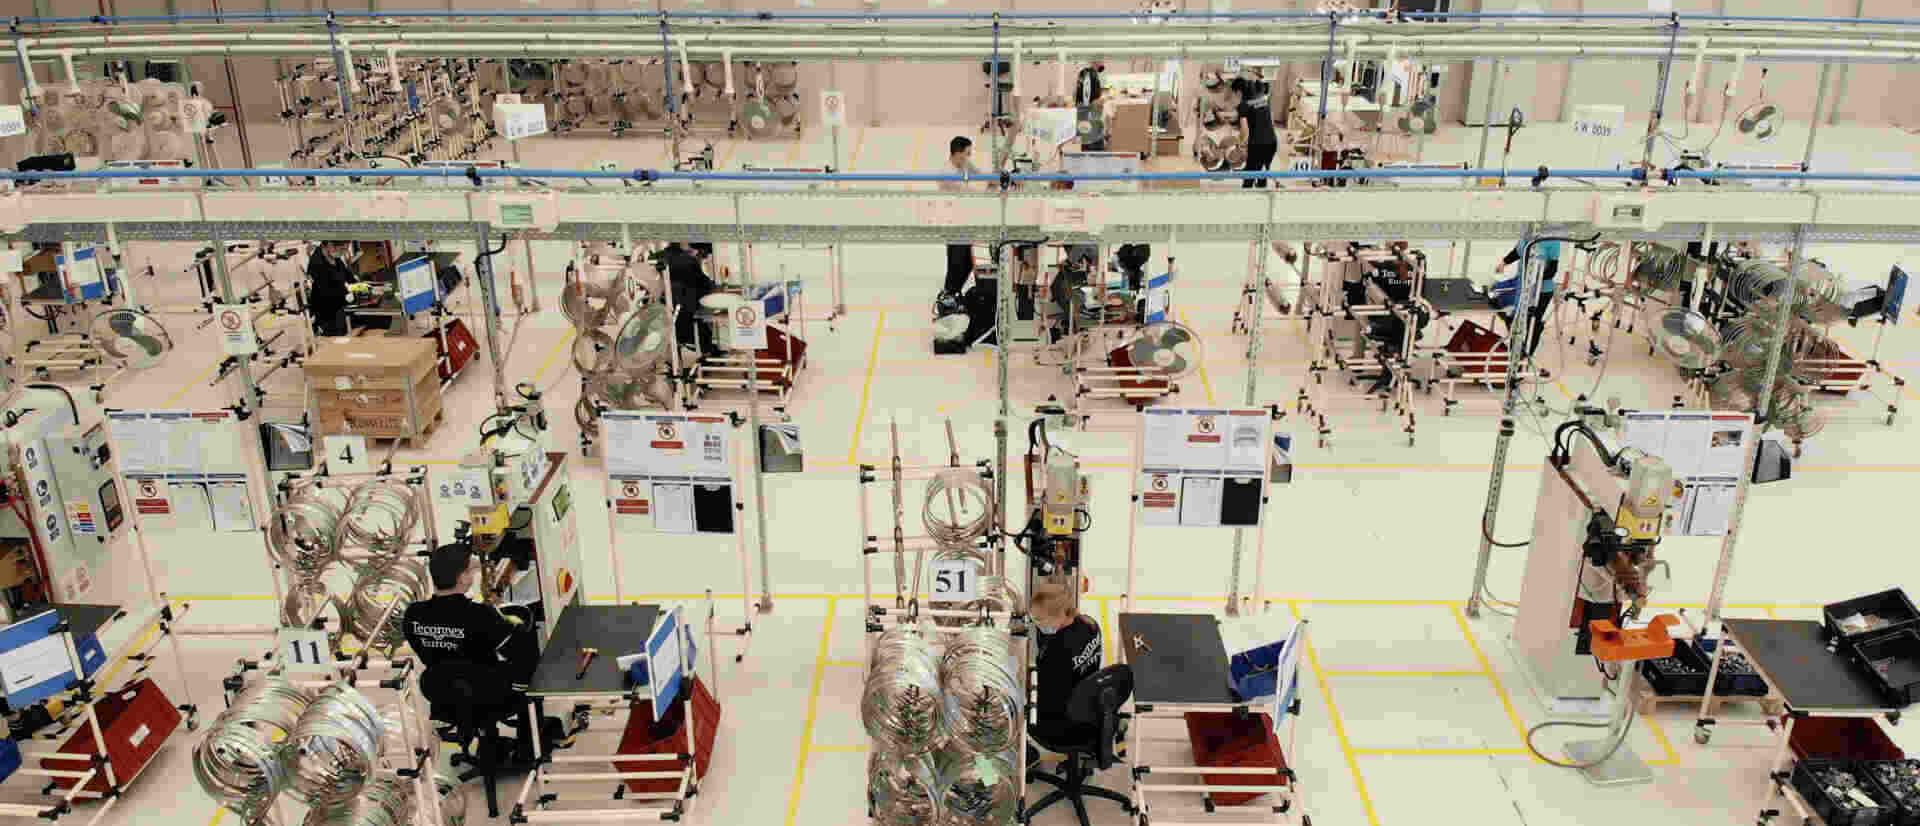 Teconnex încheie prima fază a construcției fabricii din Cluj